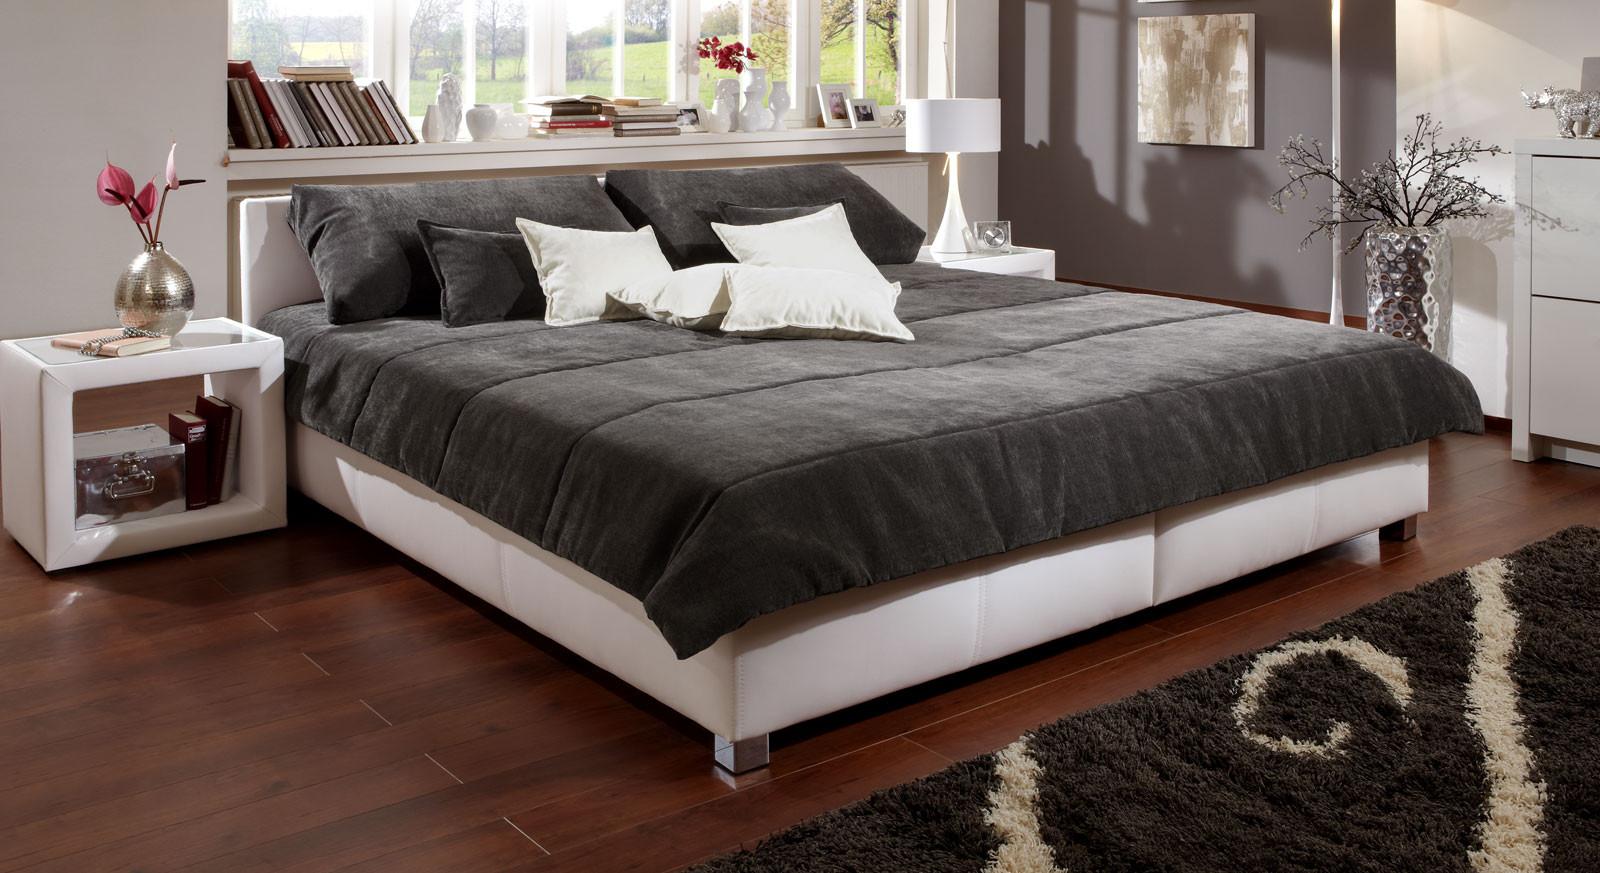 Tagesdecke Bett  Halblange Tagesdecke für Ihr Doppelbett kaufen Amadeo